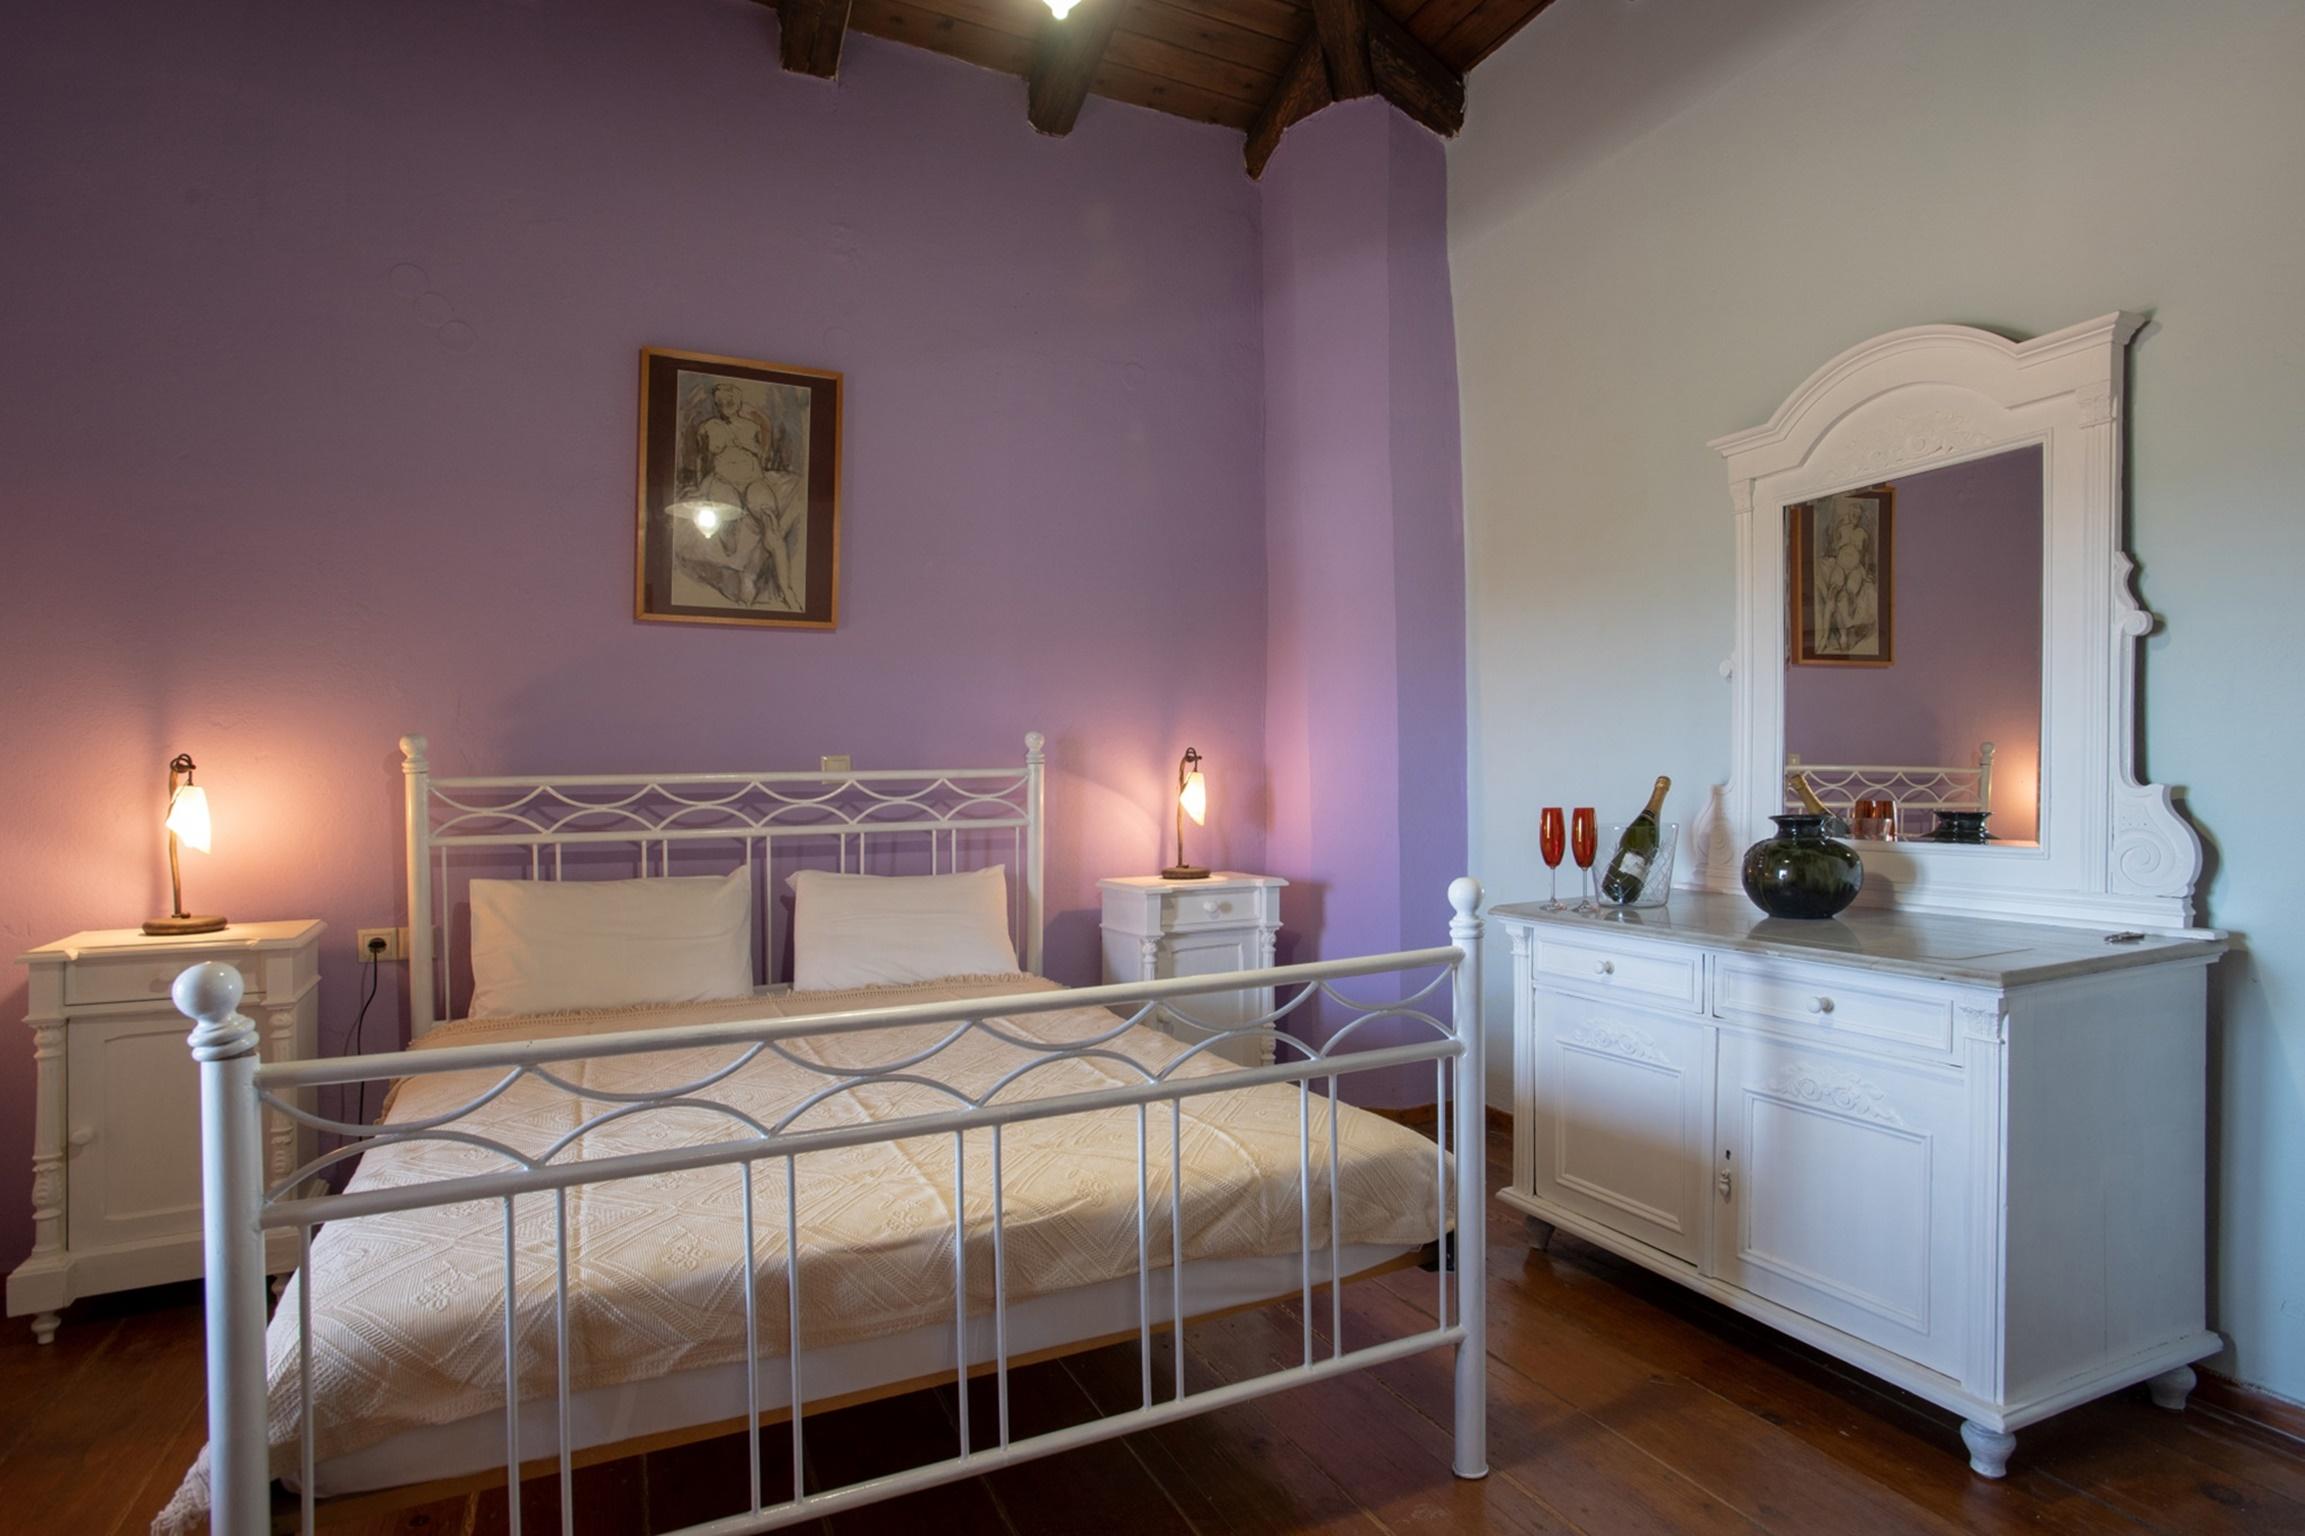 Ferienhaus Haus und Studio annektiert - Ideal groe Familien - kleines Dorf, nahe Strnde (2598996), Neon Khorion Kriti, Kreta Nordküste, Kreta, Griechenland, Bild 13